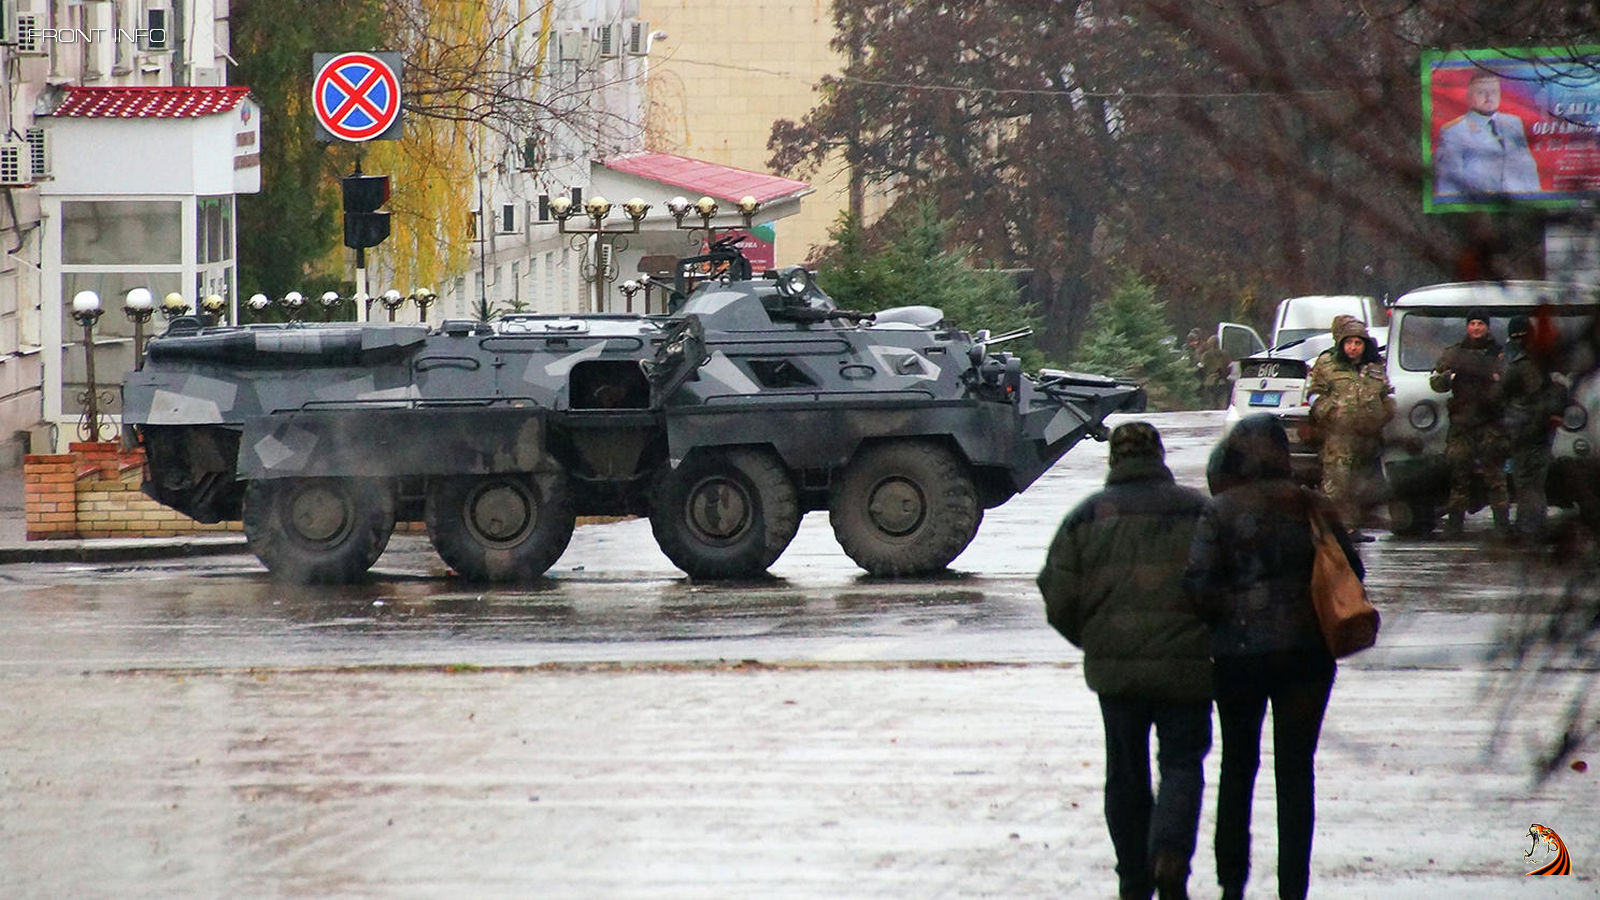 """Террористическую """"ЛНР"""" охватили антироссийские настроения: население теперь уже любит Украину и не хочет жить в фейковой """"Новороссии"""""""